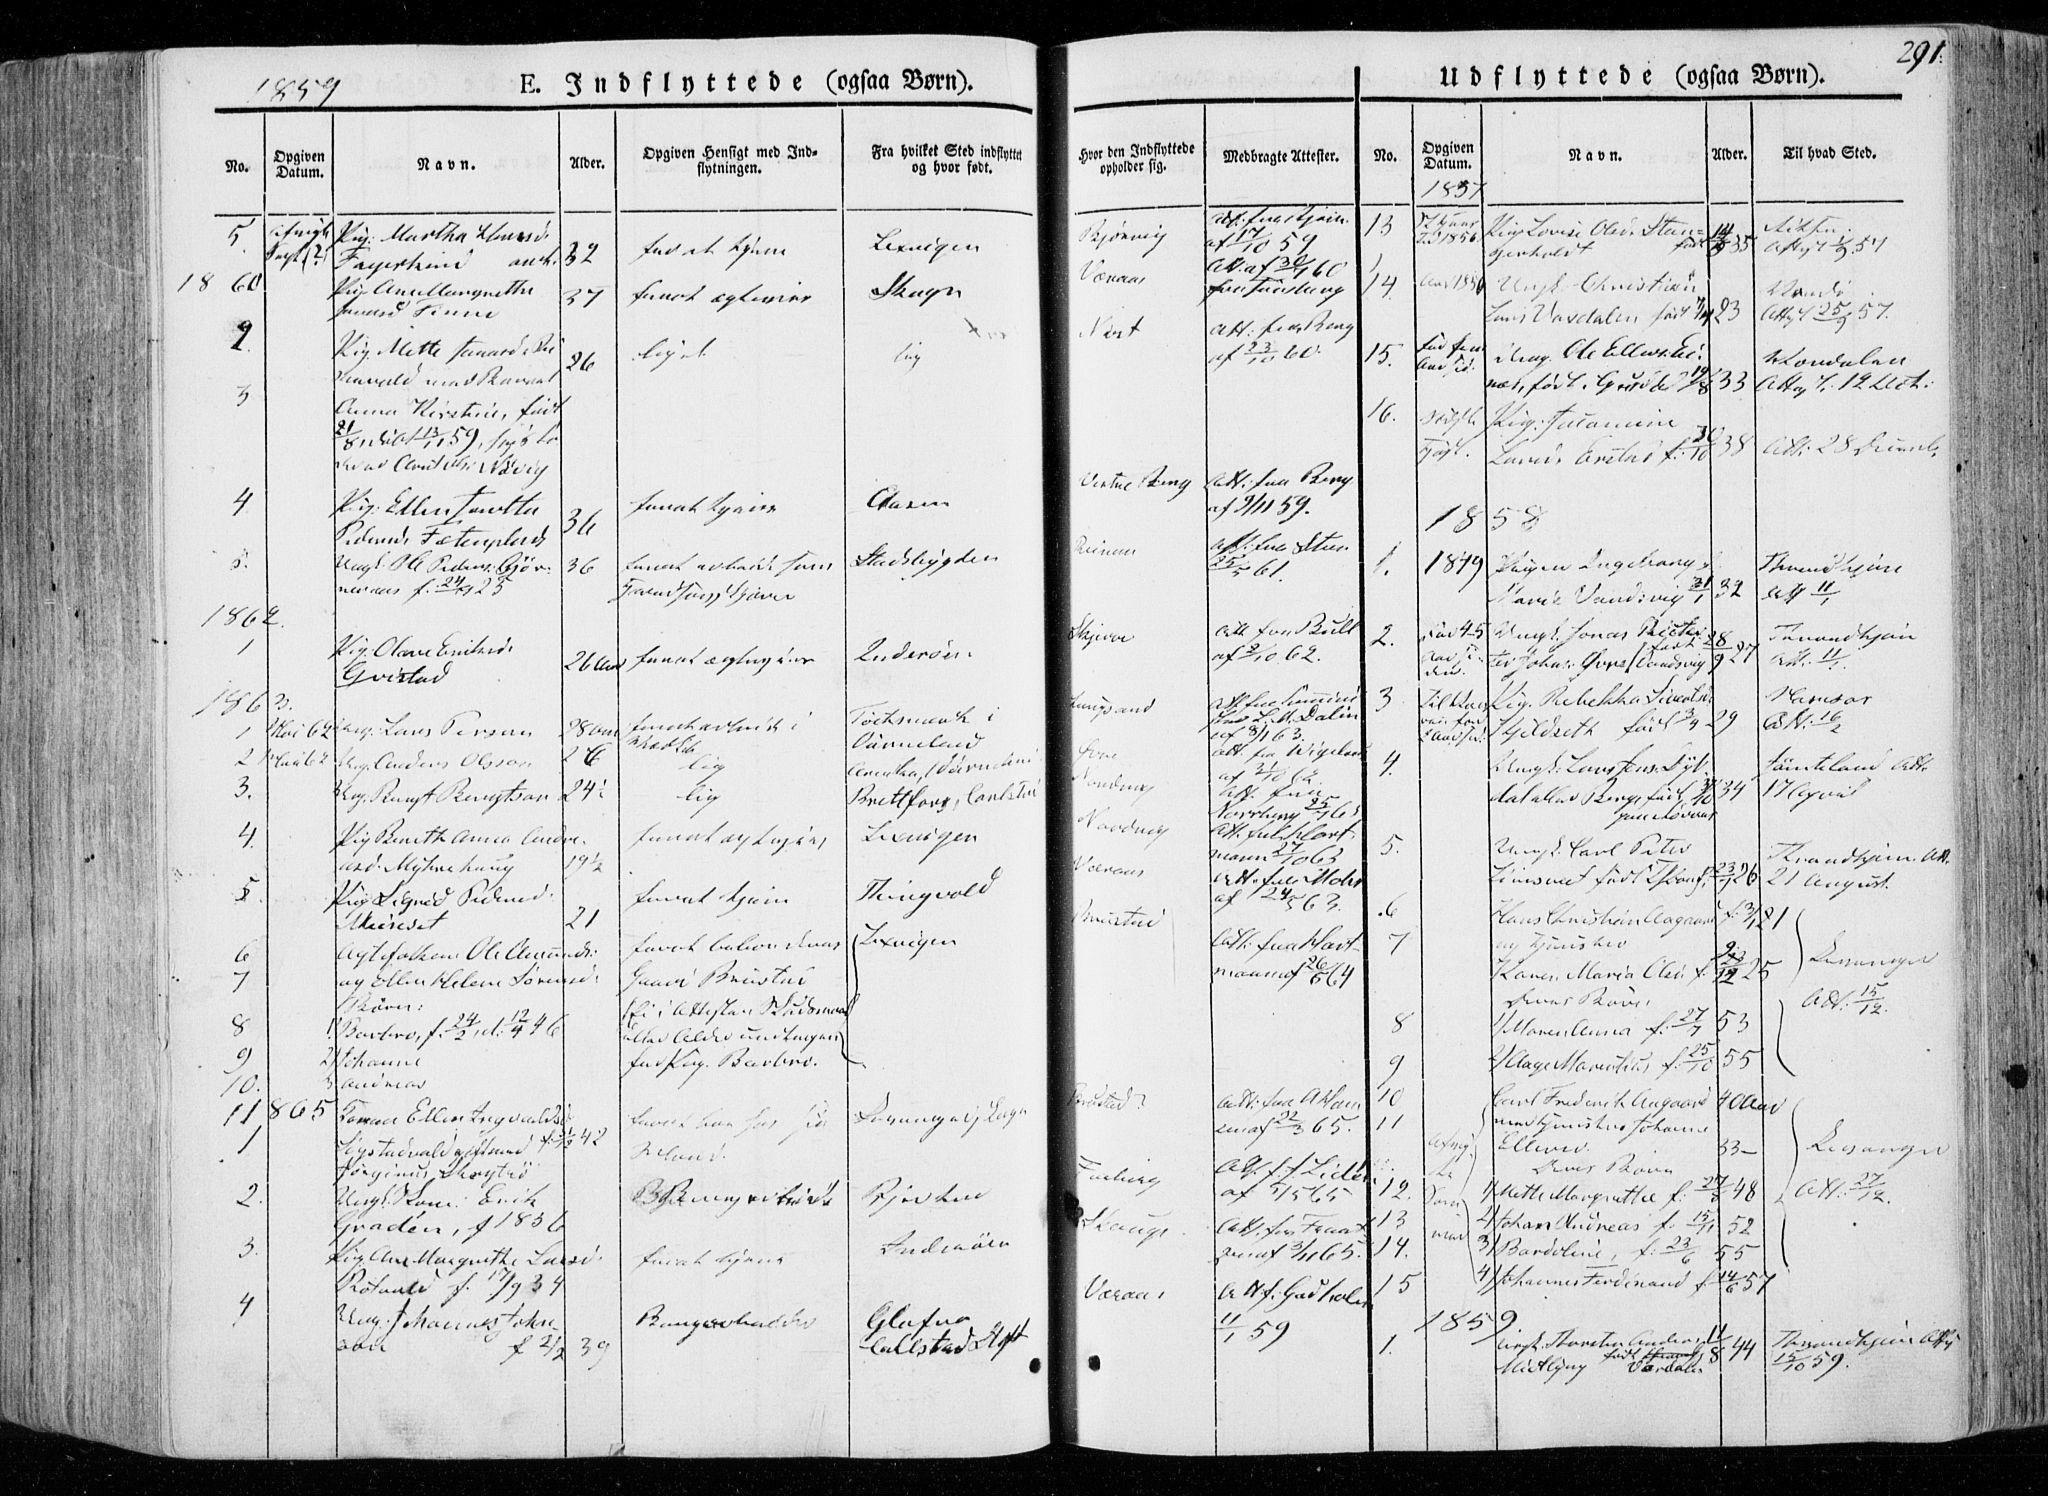 SAT, Ministerialprotokoller, klokkerbøker og fødselsregistre - Nord-Trøndelag, 722/L0218: Ministerialbok nr. 722A05, 1843-1868, s. 291